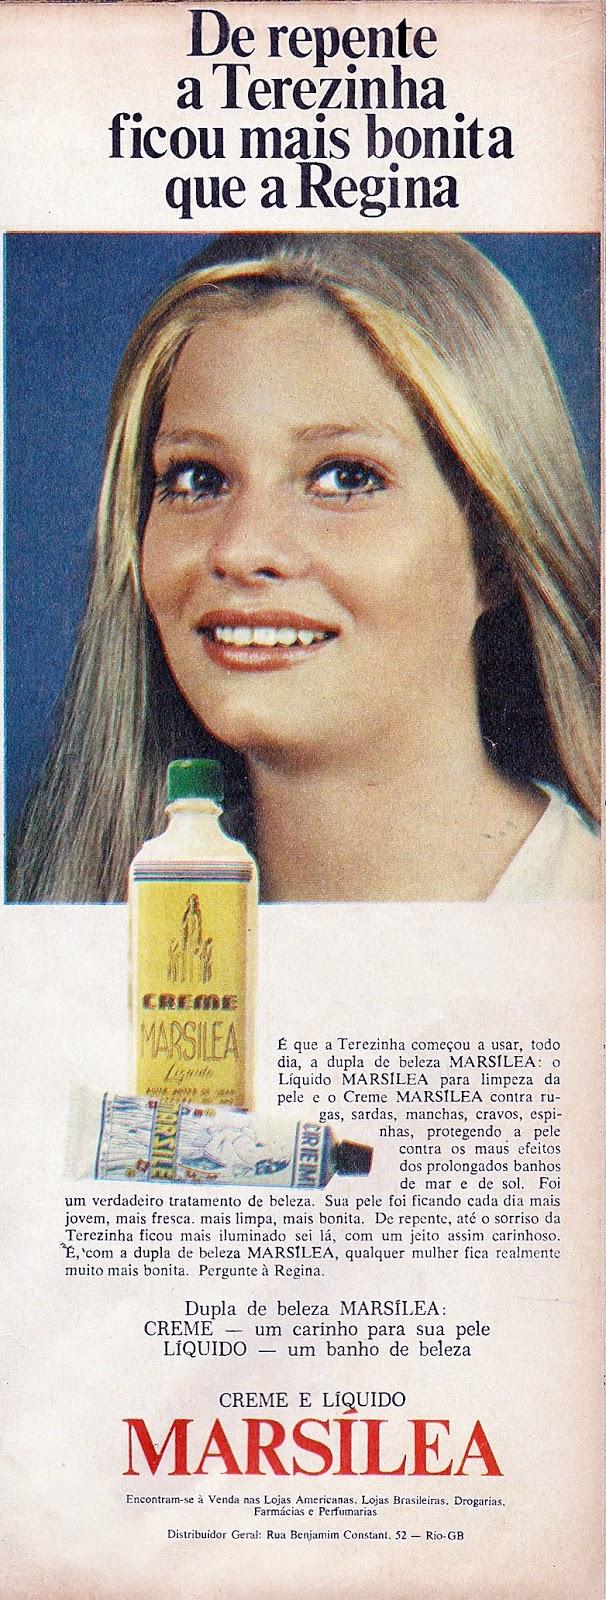 Propaganda do Creme e Líquido Marsílea, apresentado em 1974: vaidade feminina em primeiro lugar.